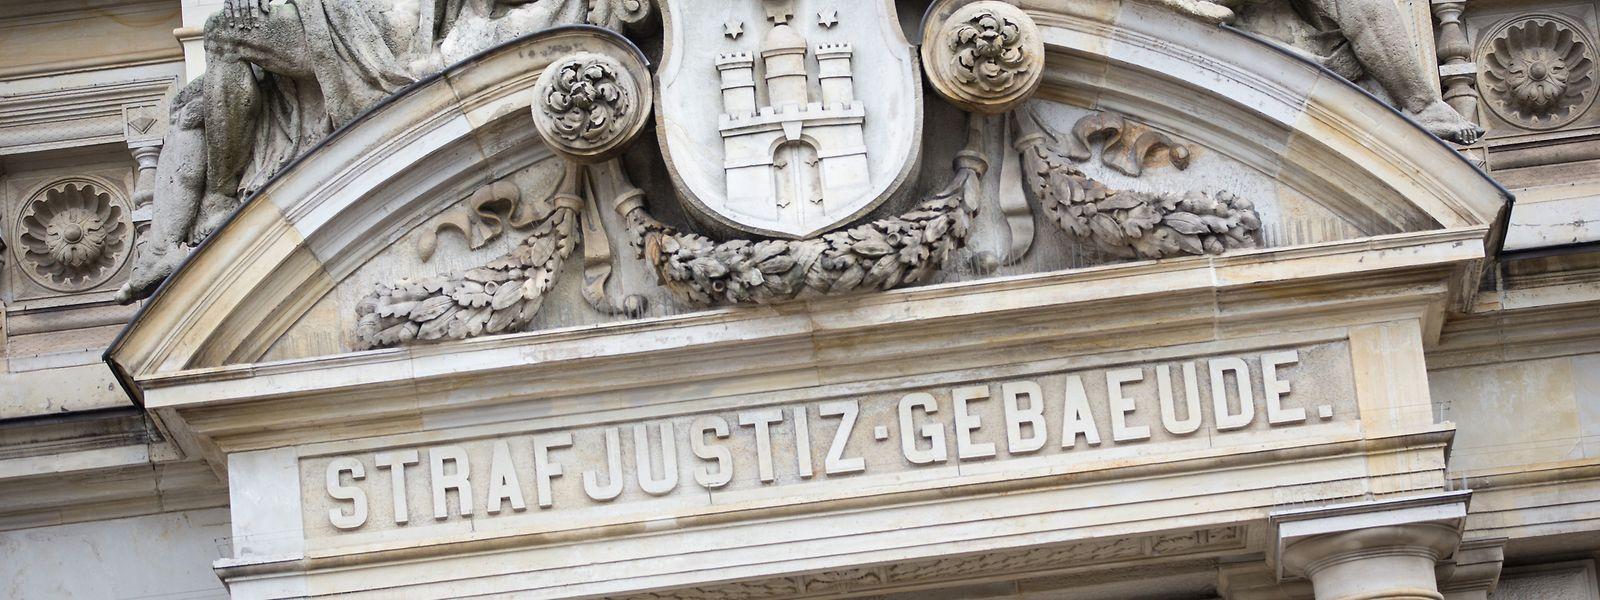 Der Haupteingang zum Strafjustizgebäude. Am 27.11.2019 wird voraussichtlich das Urteil im Prozess gegen vier Männer wegen Unterstützung einer terroristischen Vereinigung im Ausland verkündet.